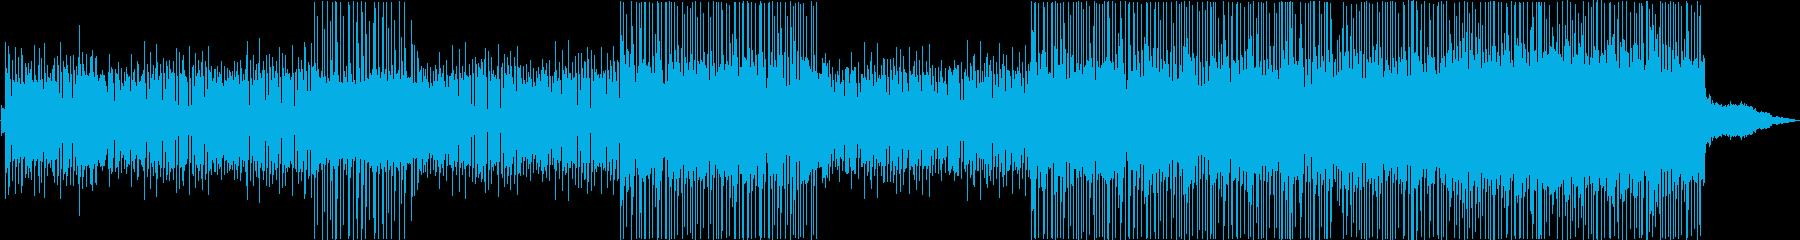 クラシックピアノのテーマの再生済みの波形